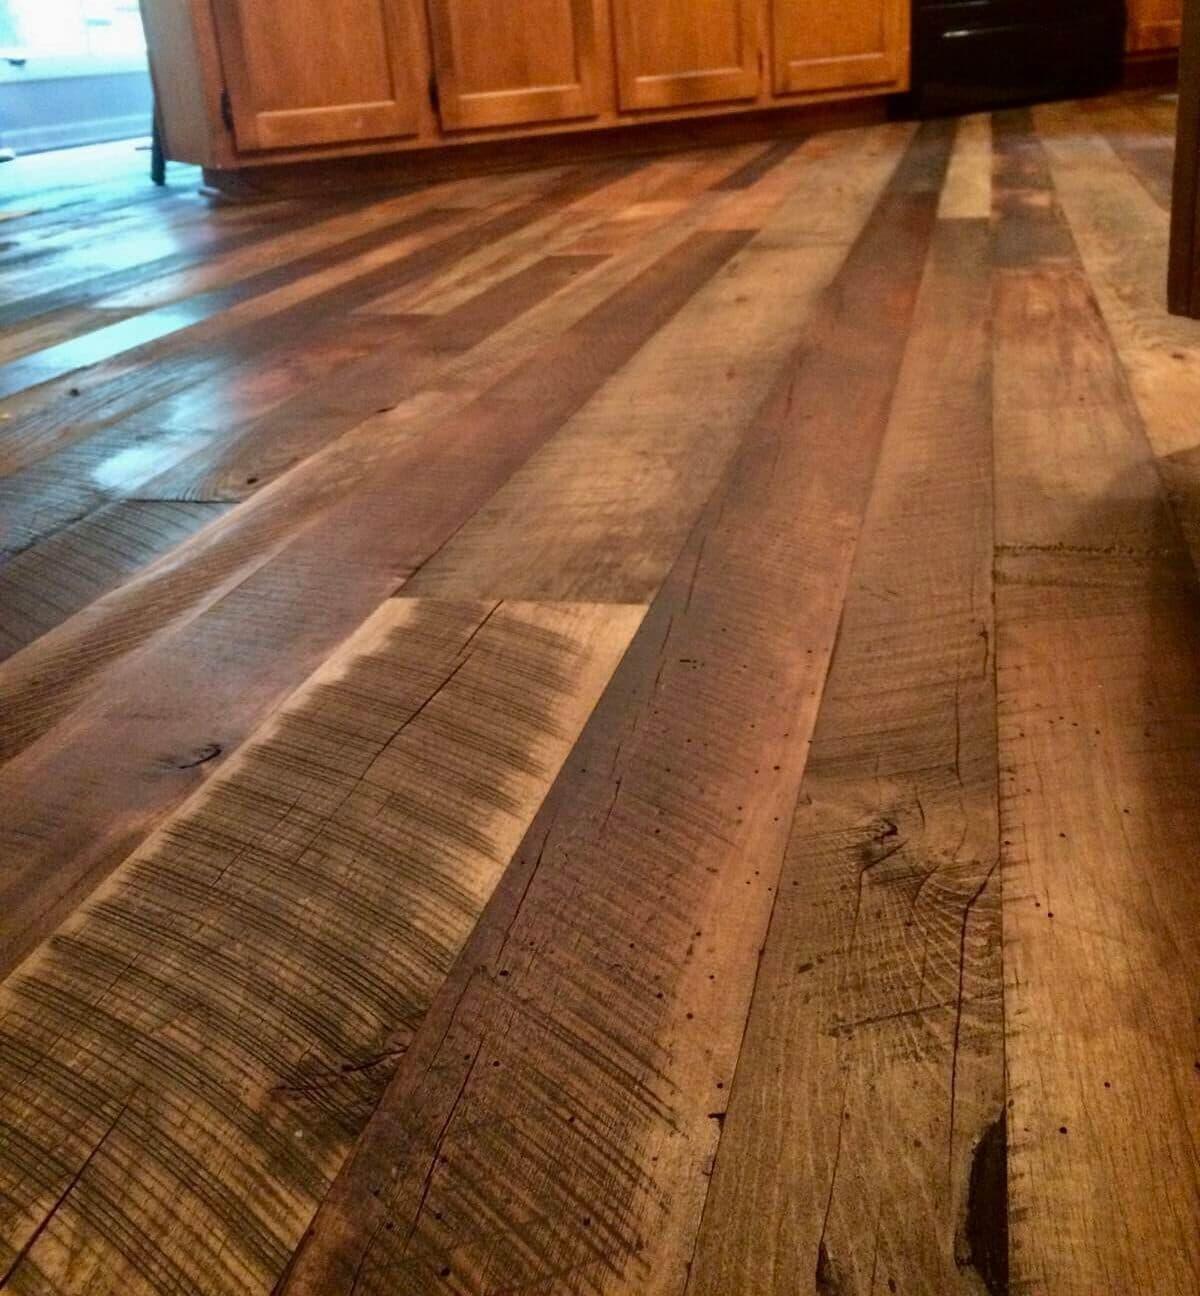 Rustic hardwood floor in kitchen utilizes multiple reclaimed wood species.